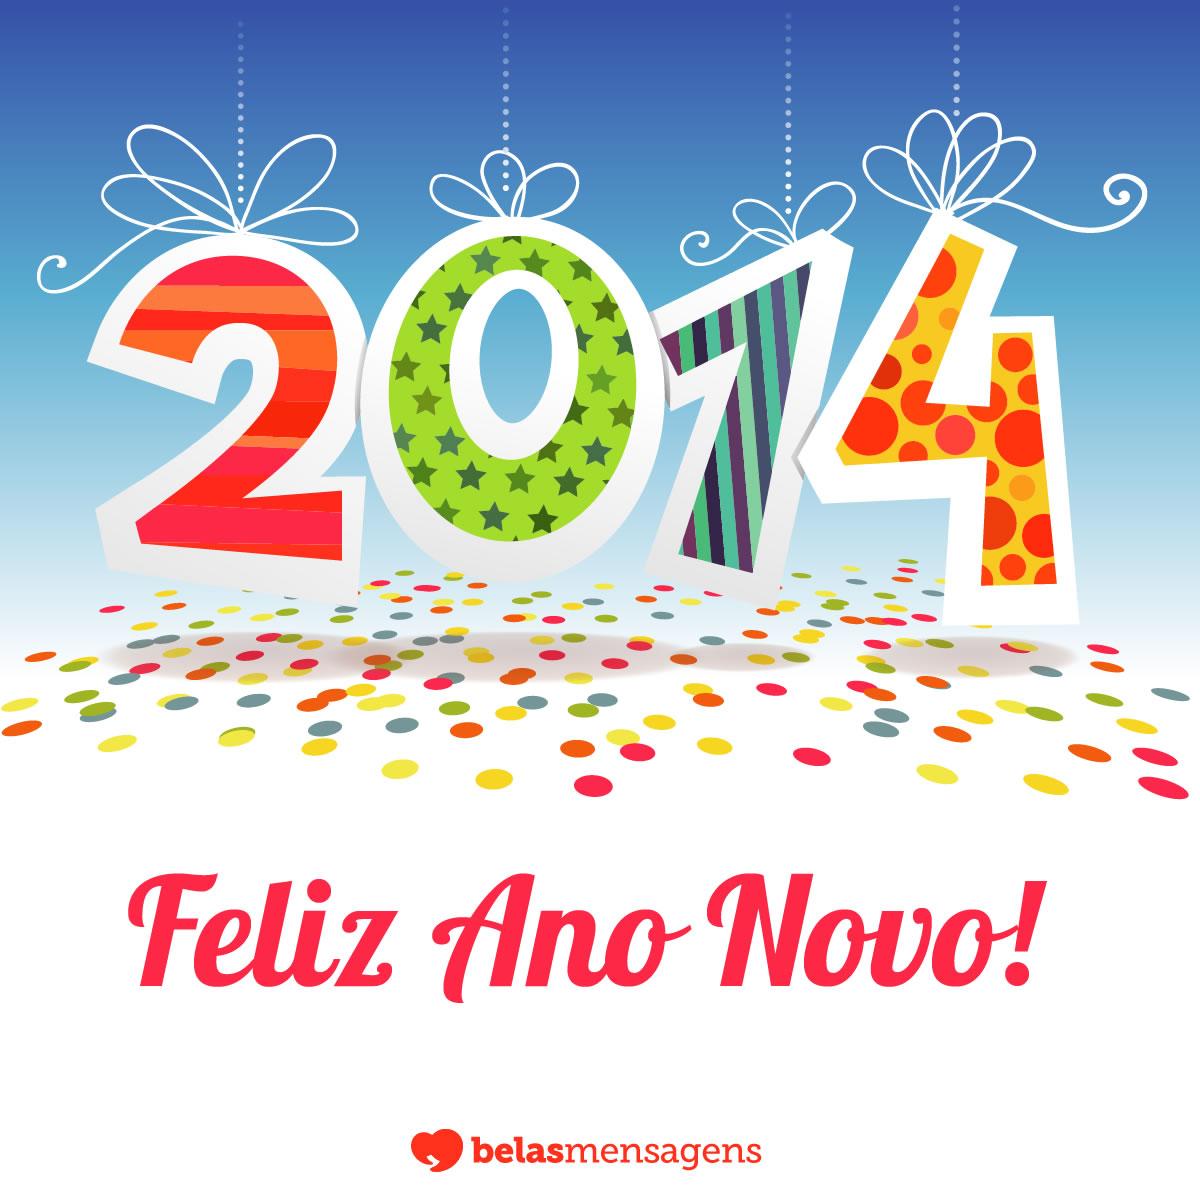 Mensagem de Feliz 2014